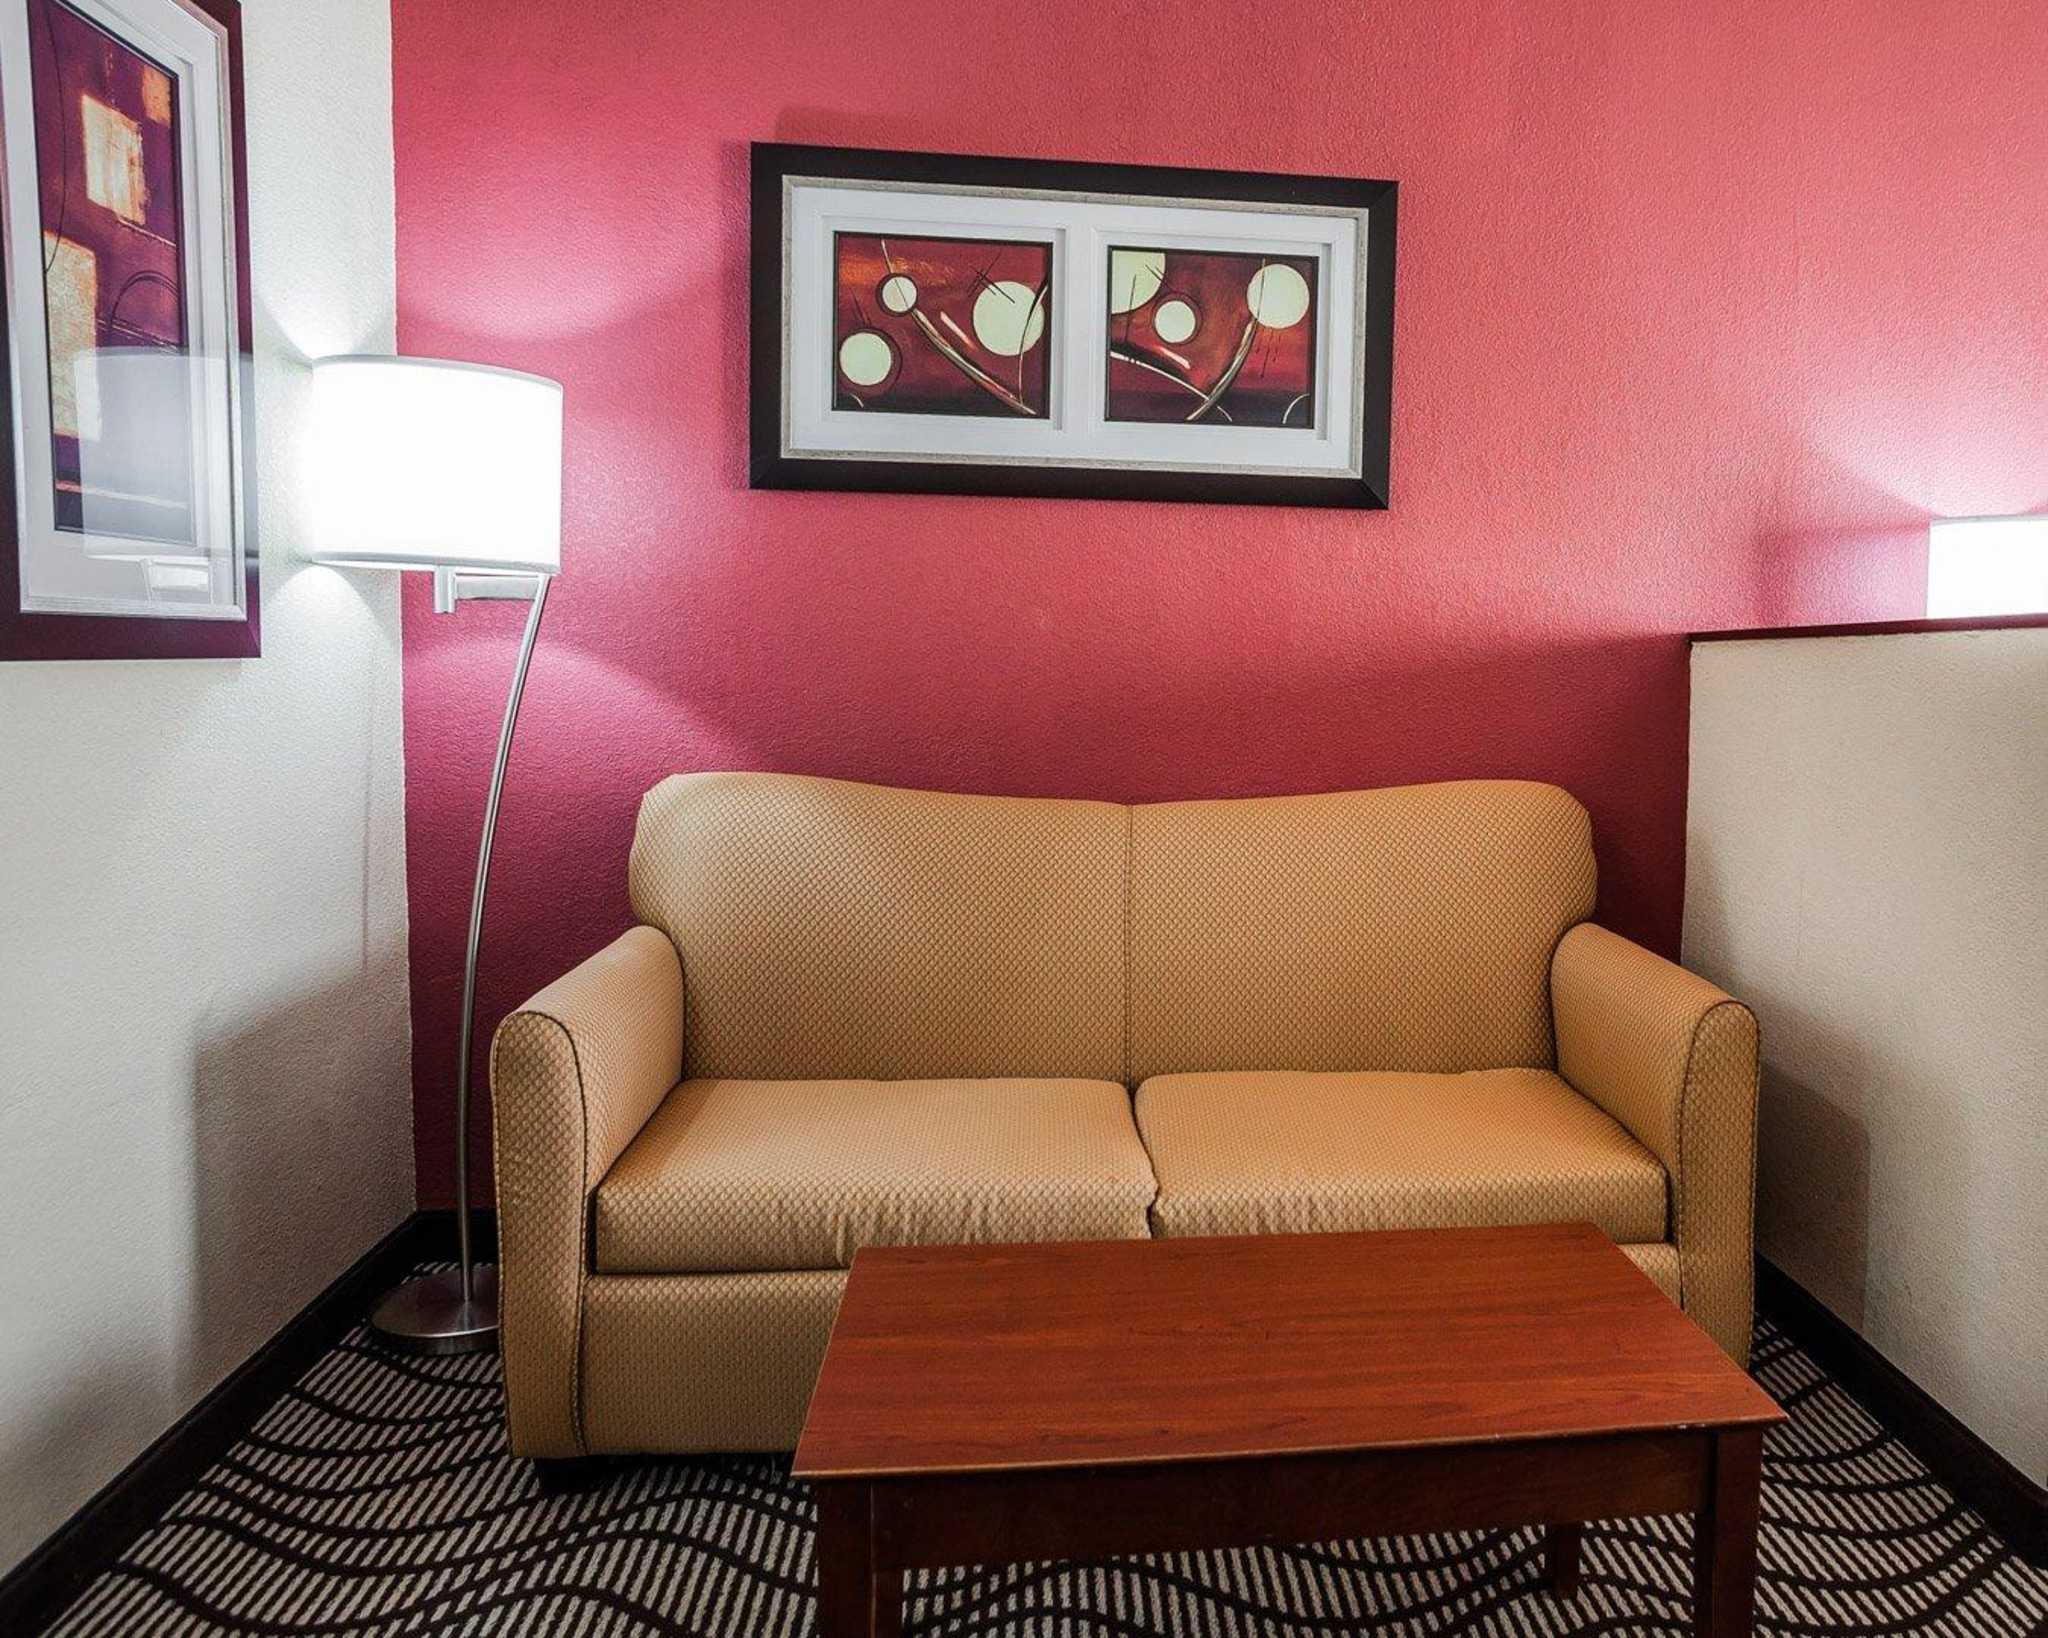 Quality Inn & Suites Altoona - Des Moines image 24